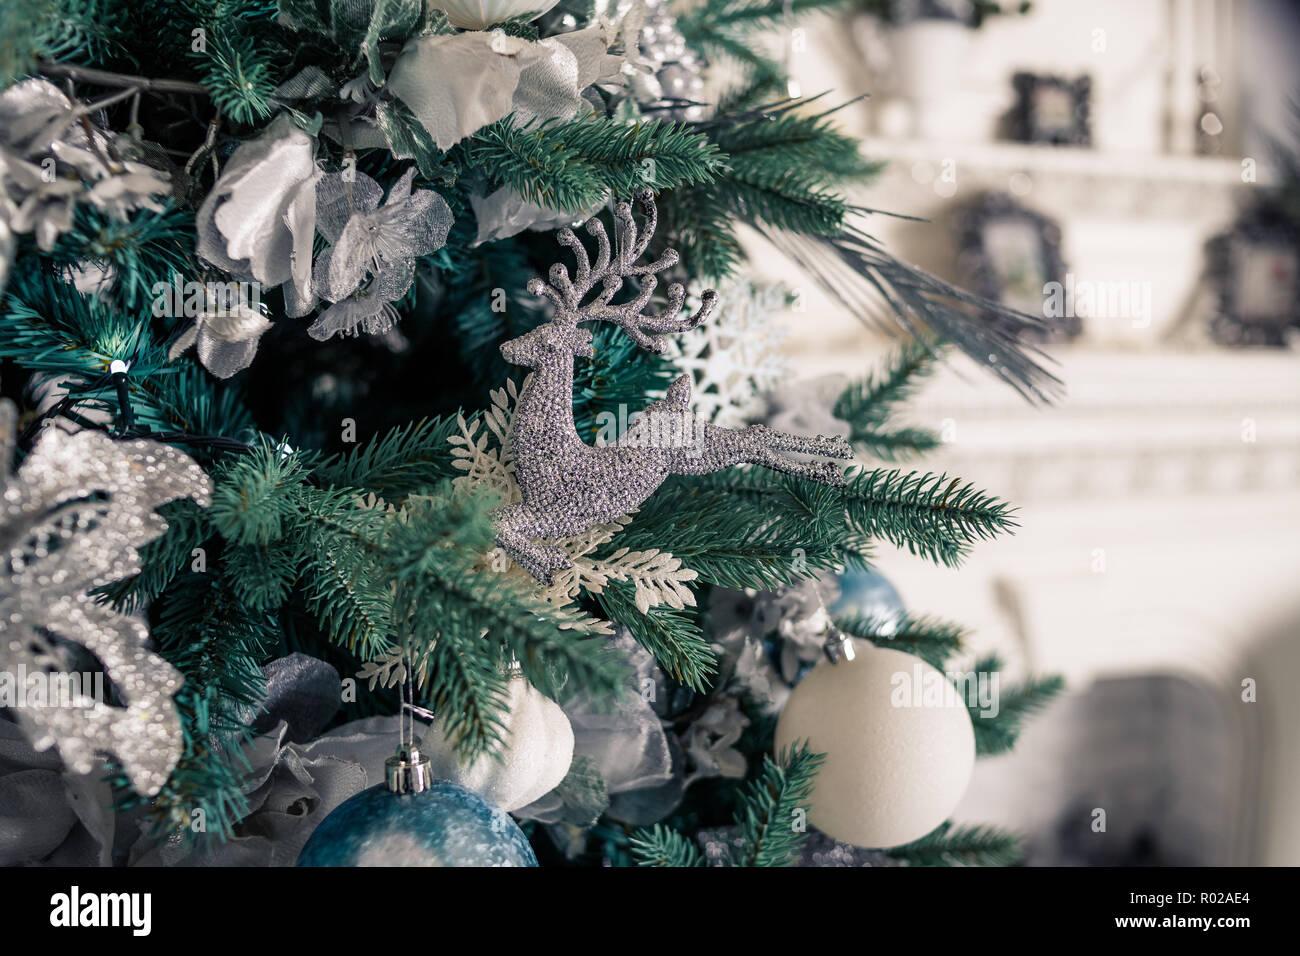 Albero Di Natale Con Decorazioni Blu : Albero di natale con blu e bianco giocattoli allinterno.scheda di